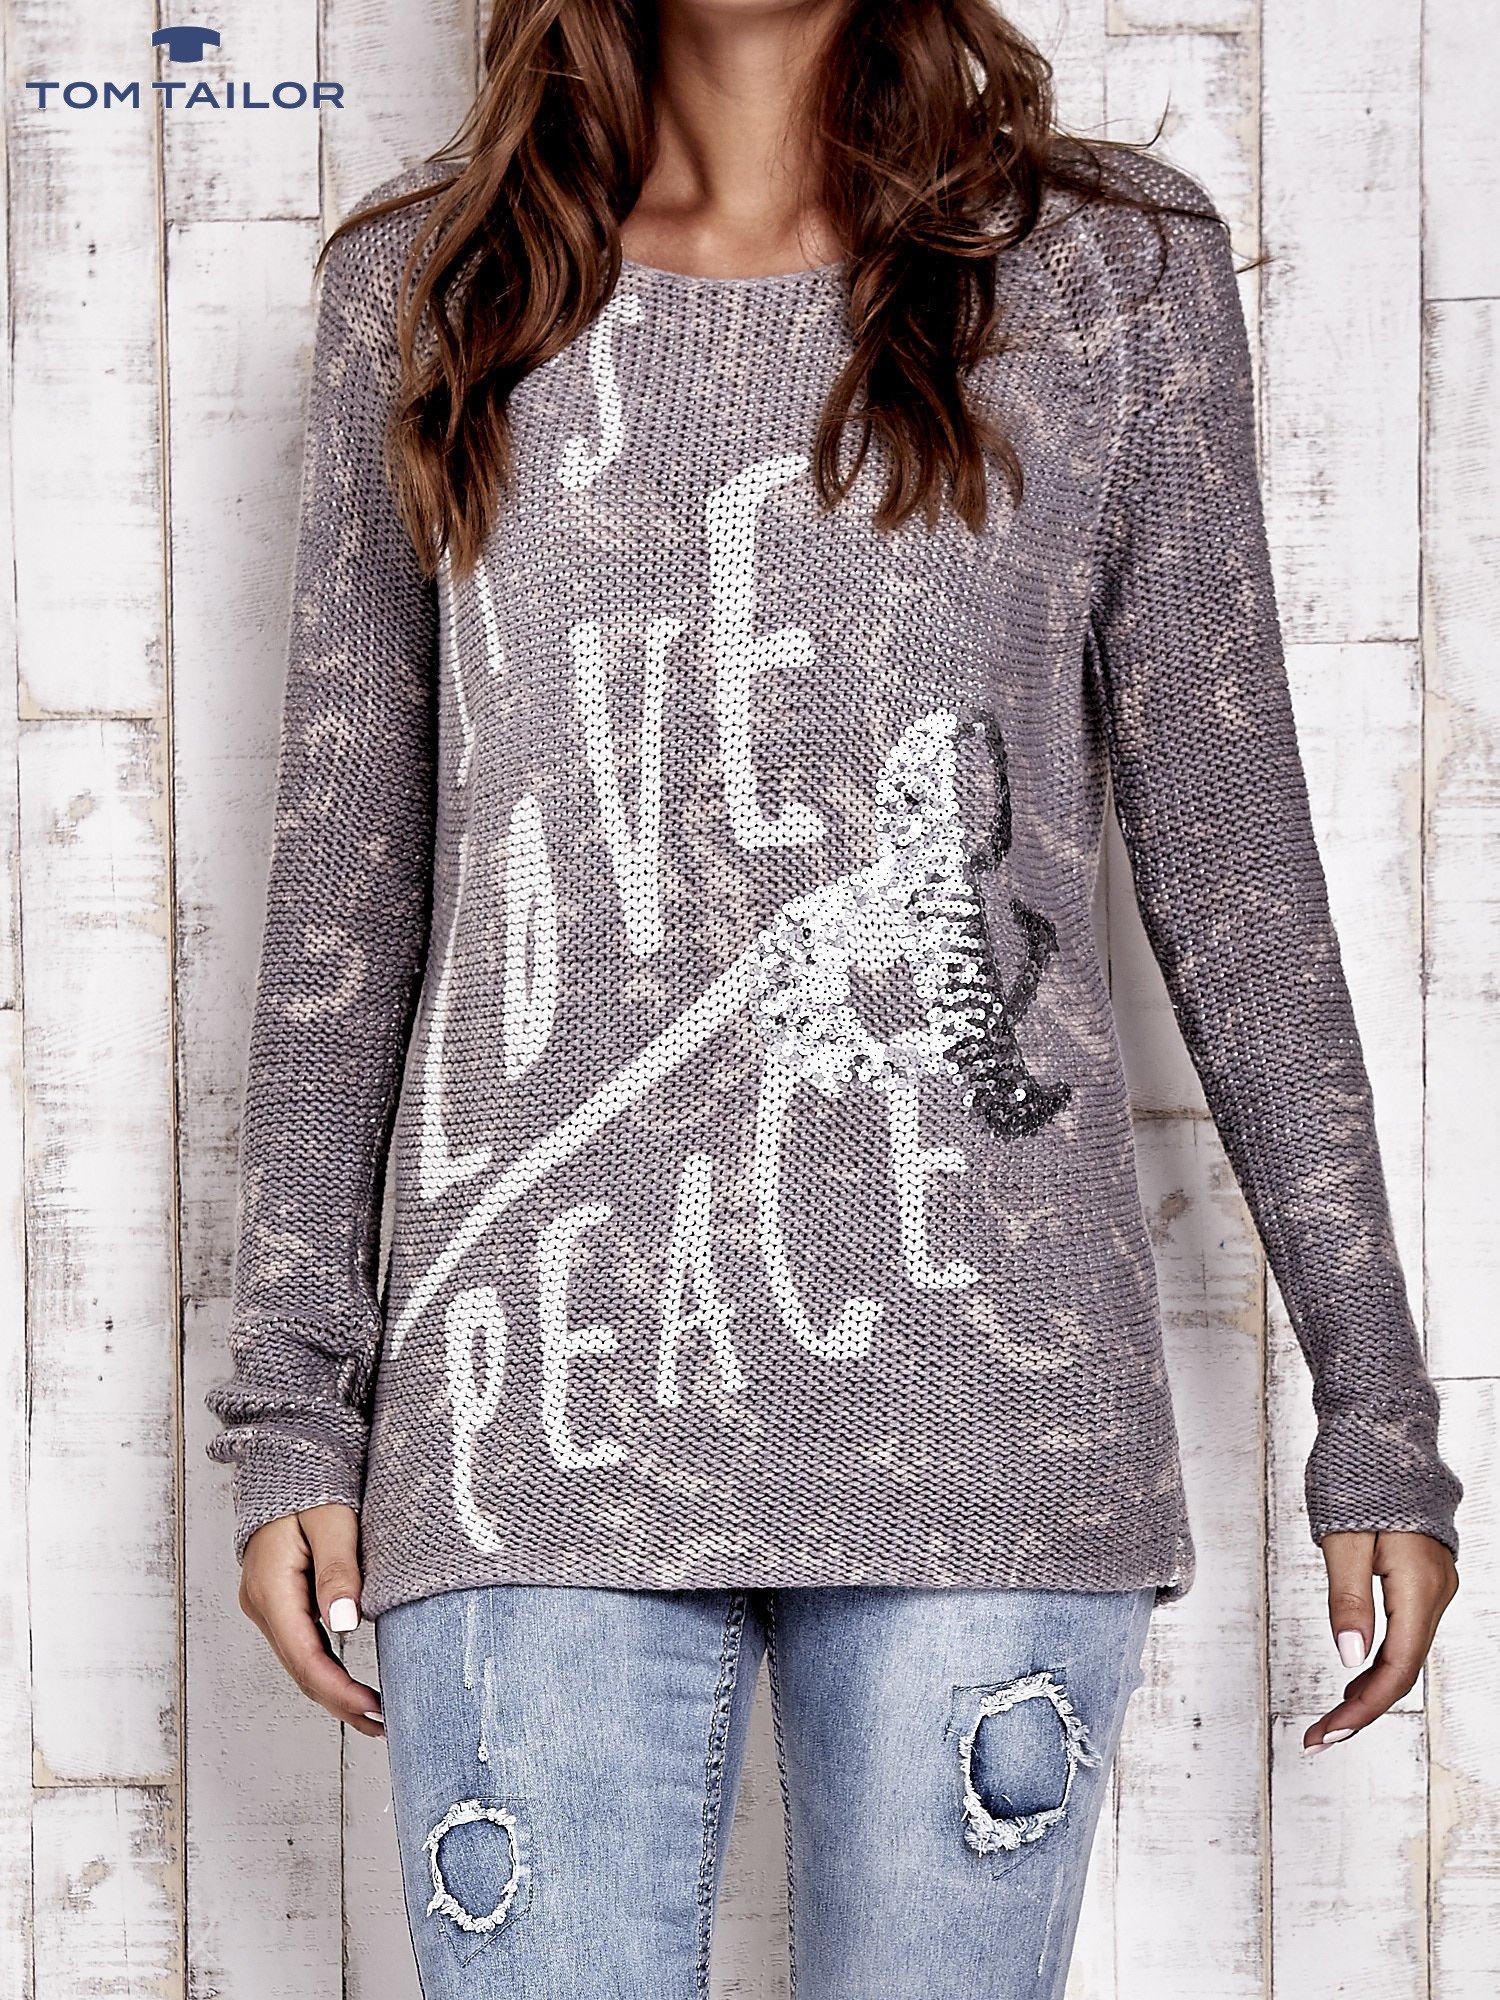 TOM TAILOR Szary sweter z literowym nadrukiem i cekinami                                  zdj.                                  1